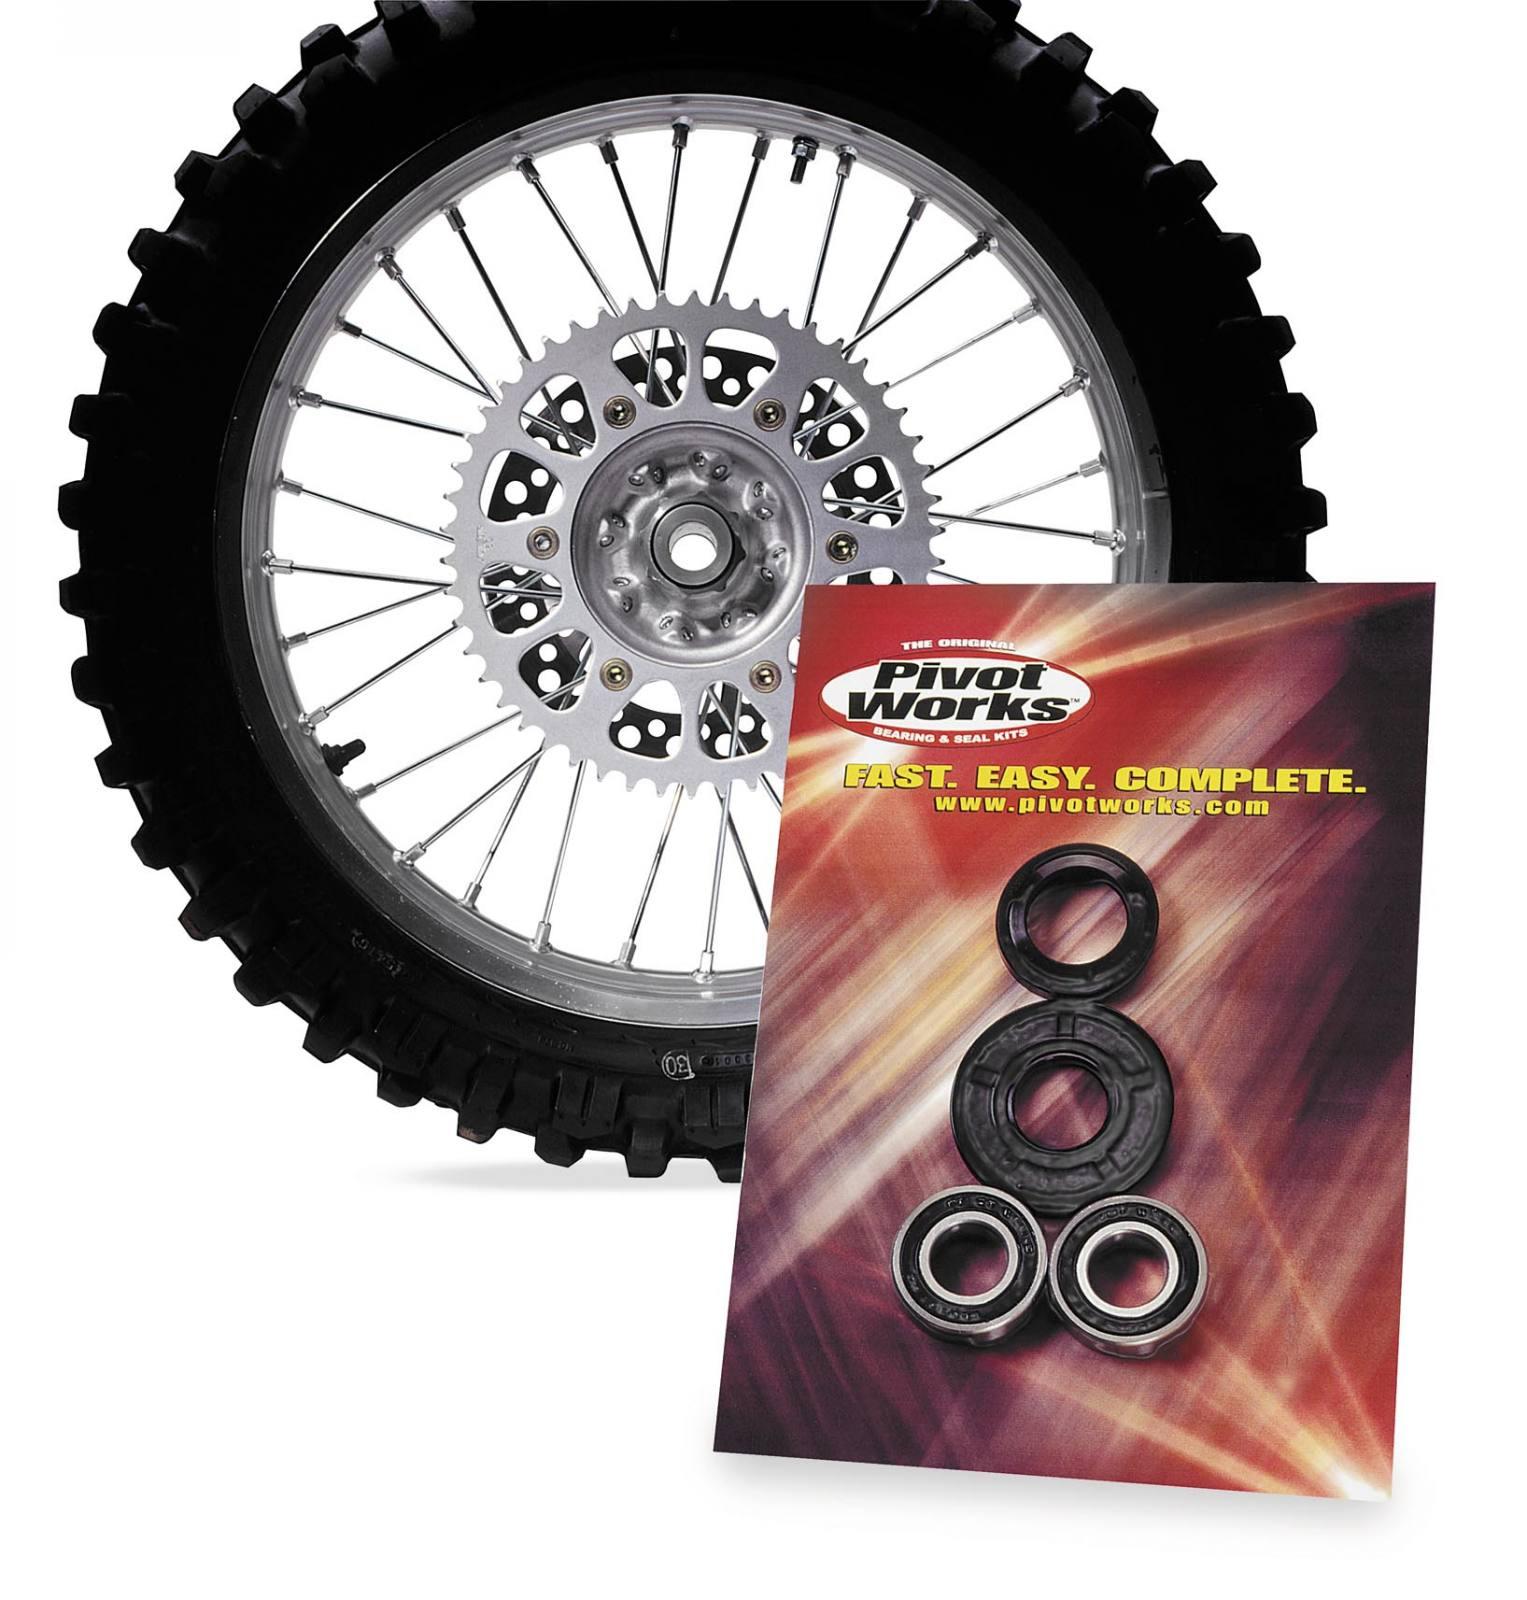 Pivot Works Front Wheel Bearing Kit for Kawasaki KVF650 Prairie 2002-2003